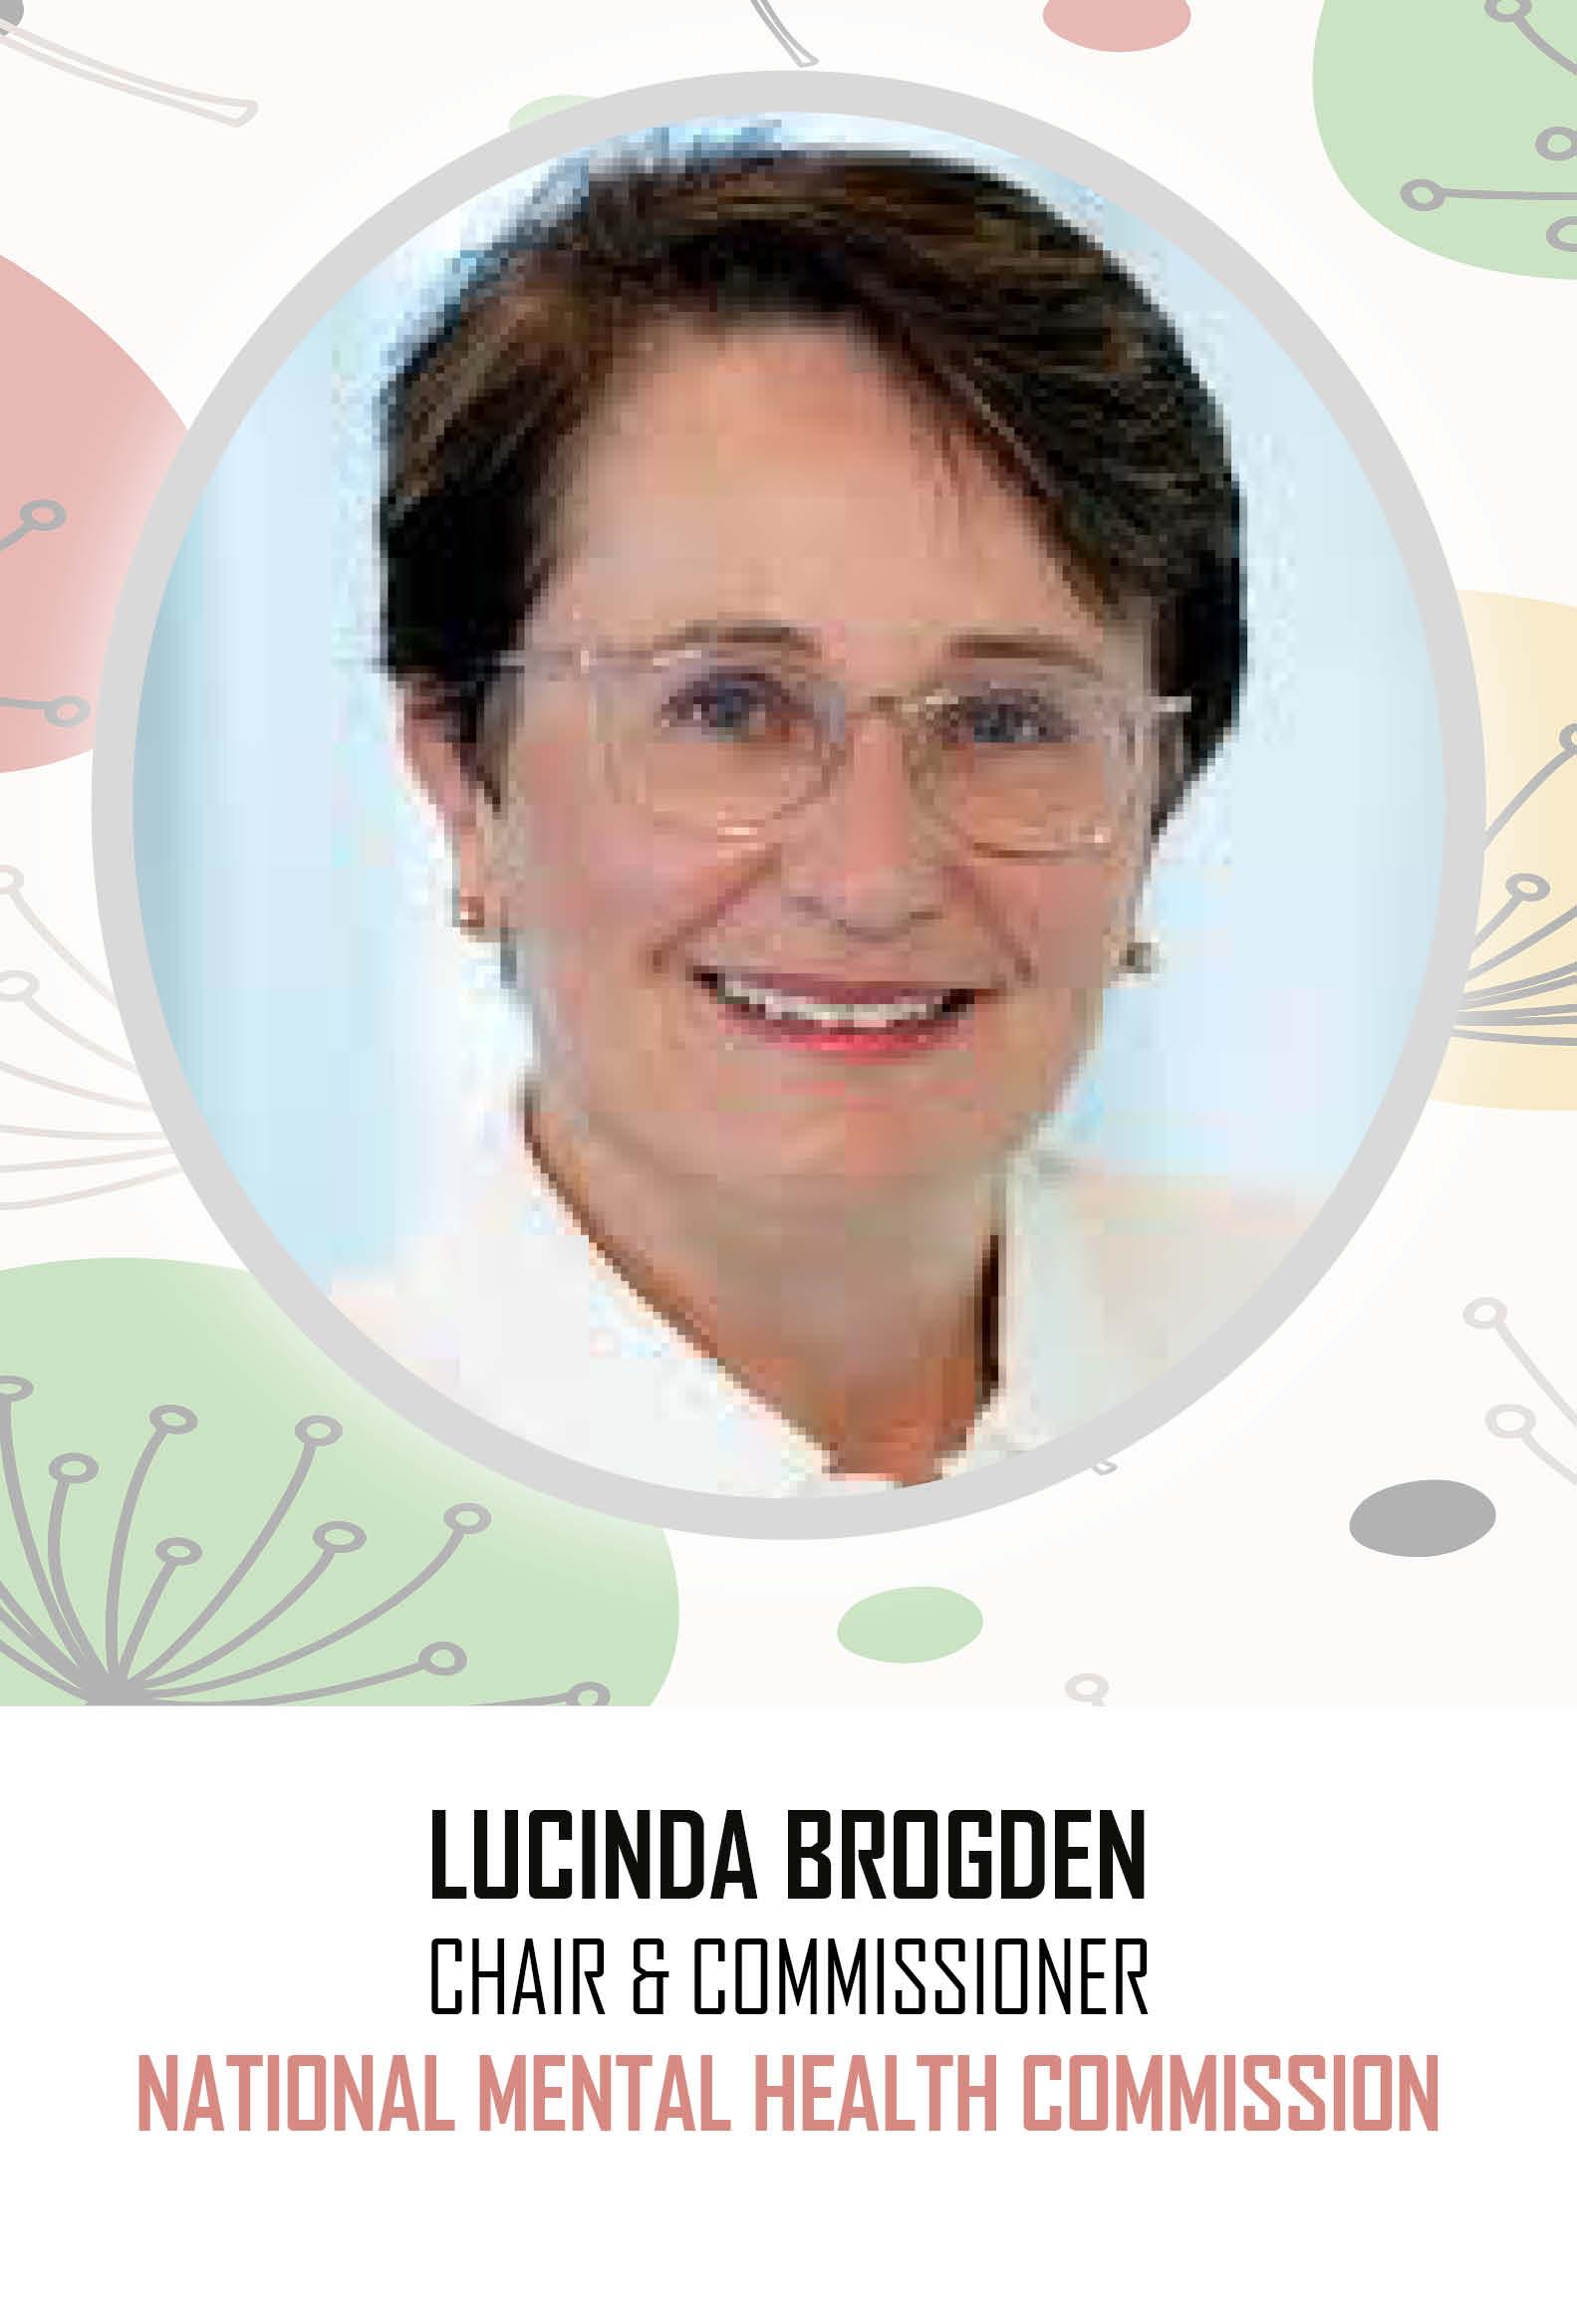 LUCINDA BROGDEN WEB